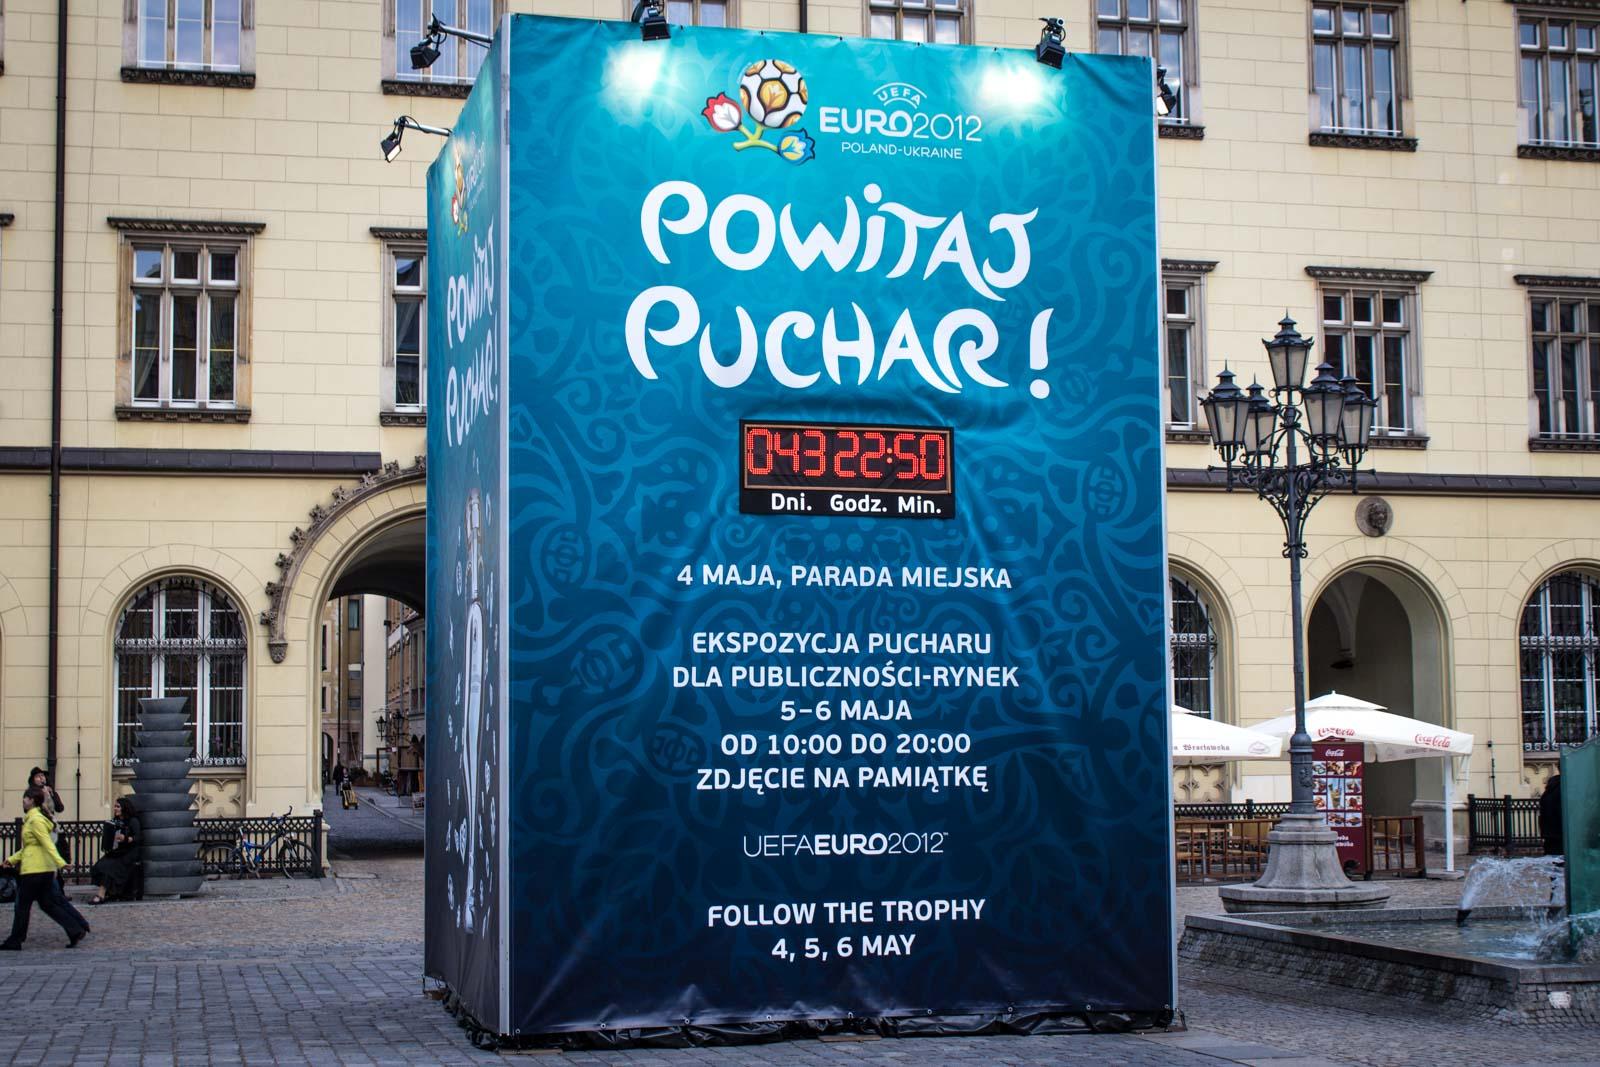 Poland Euro 2012 Wroclaw